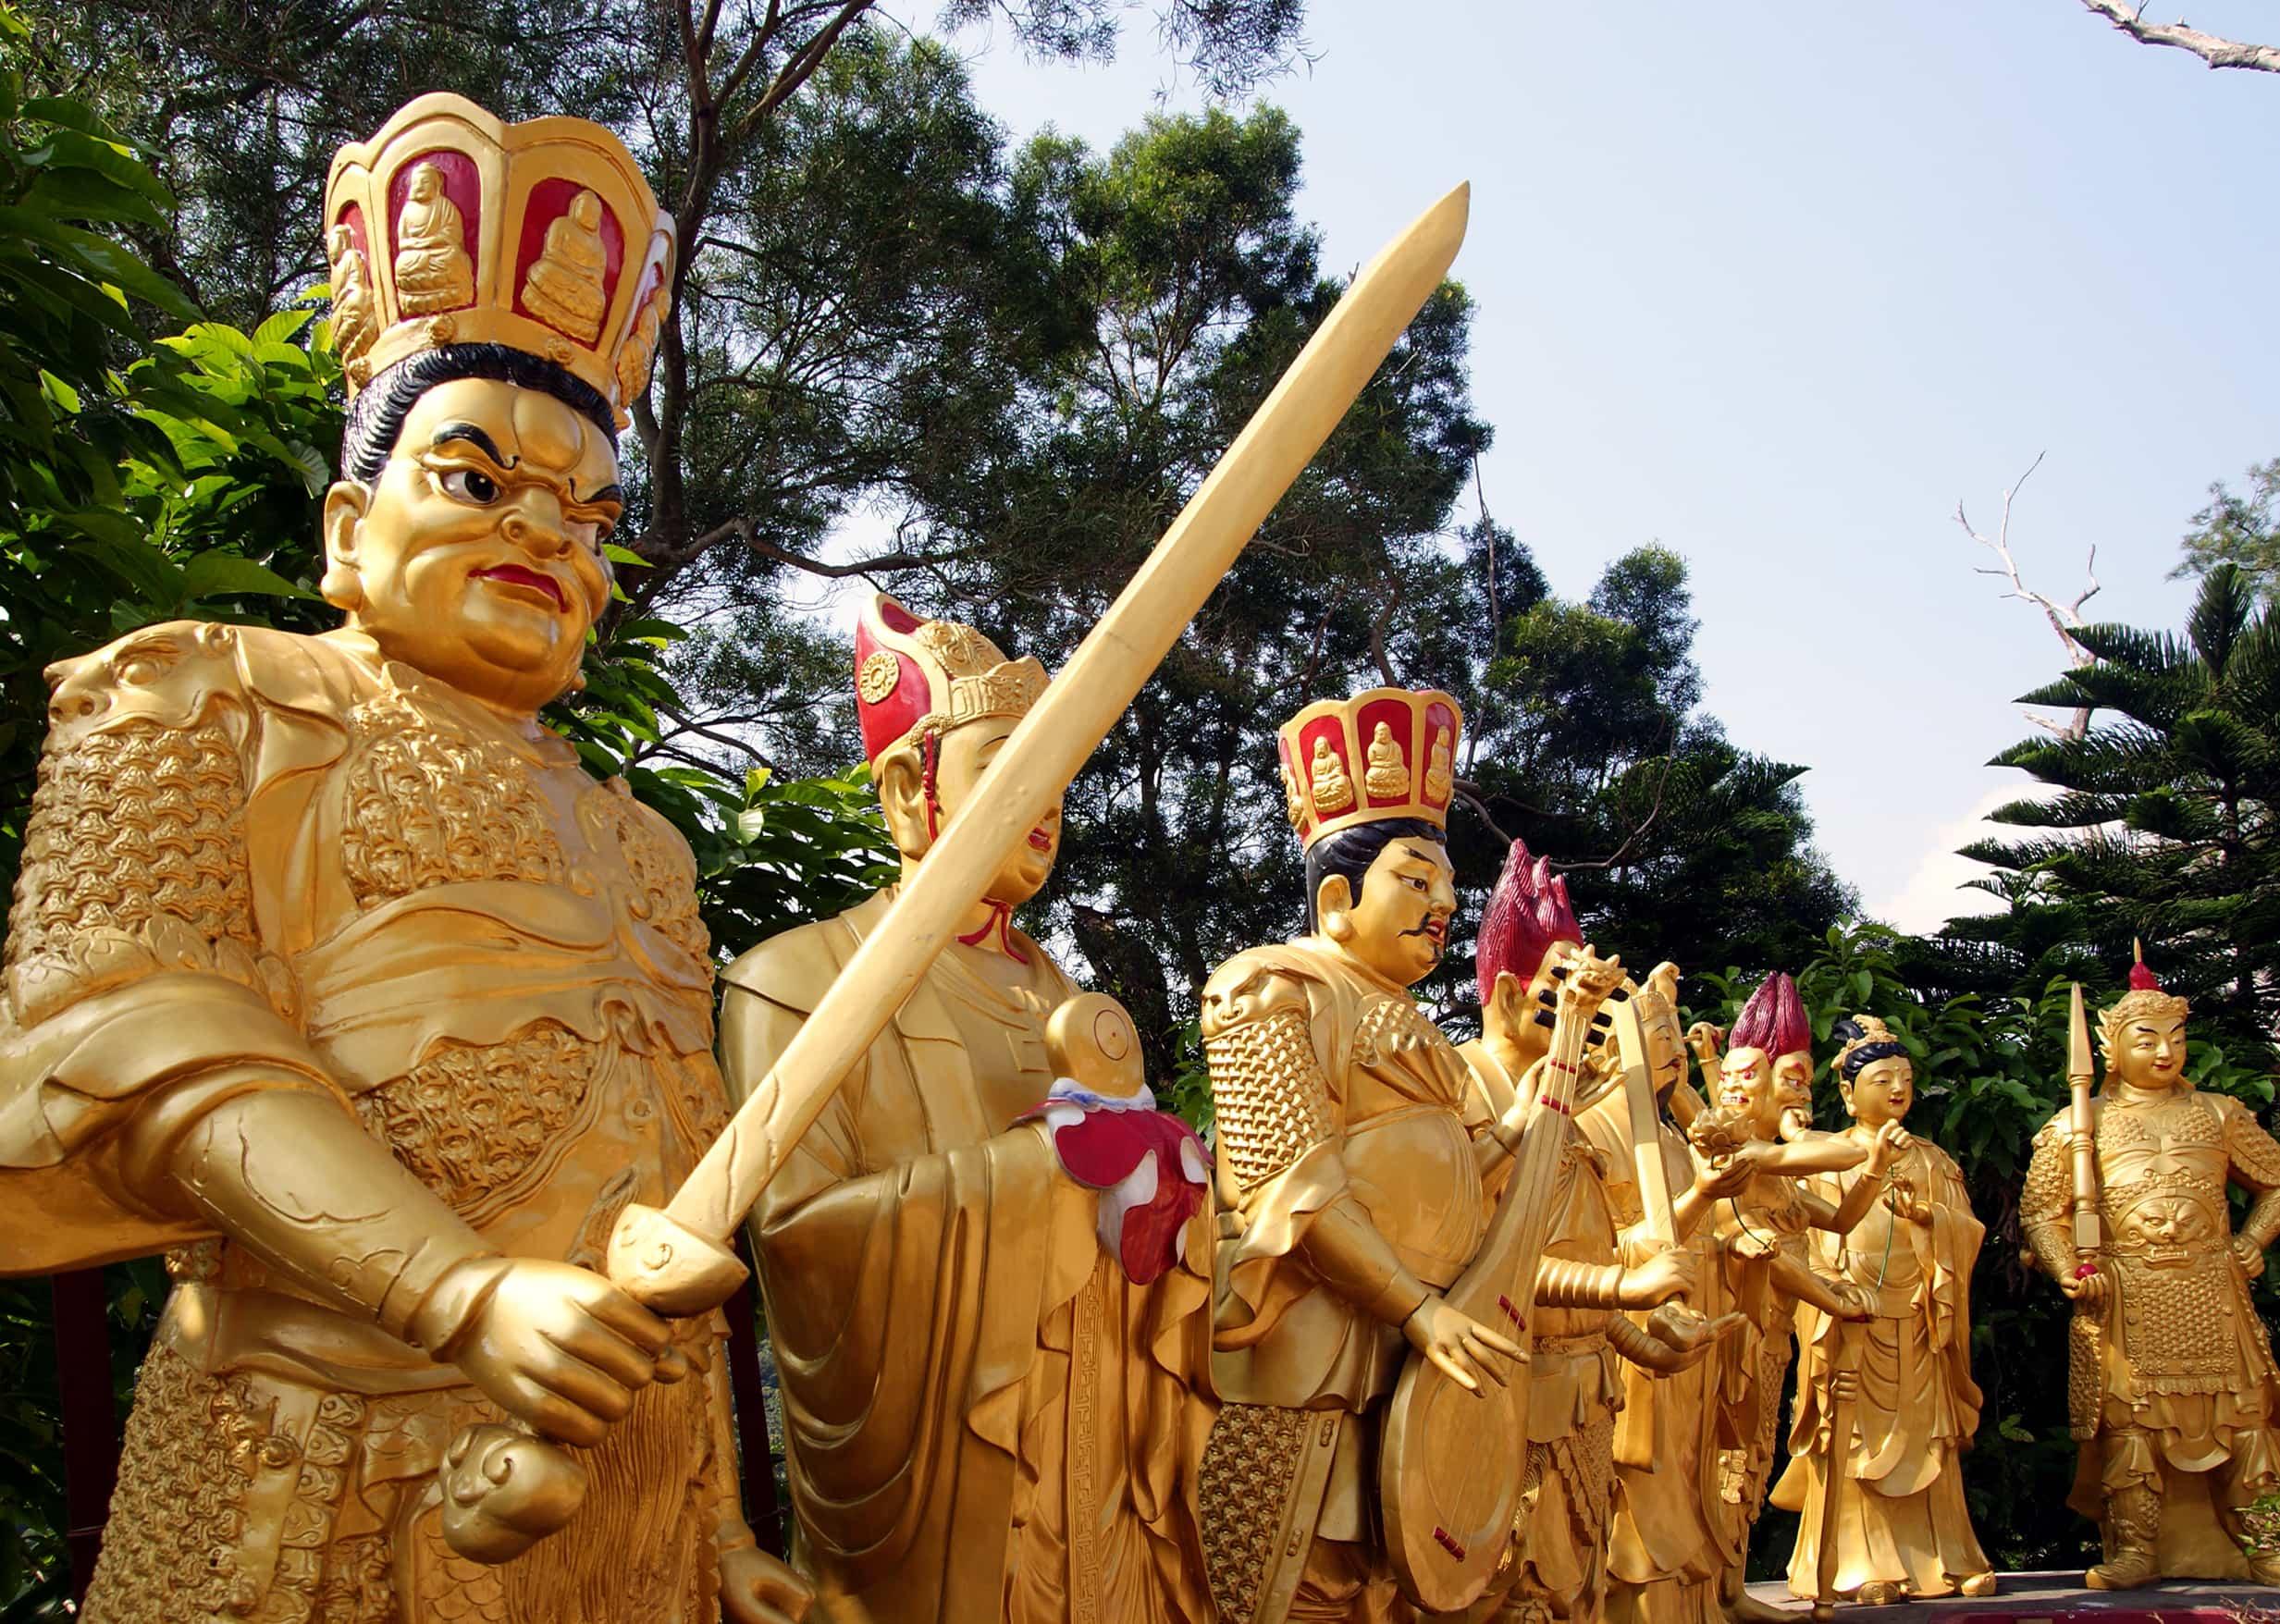 Ten Thousand Buddhas, Hong Kong tourist spots